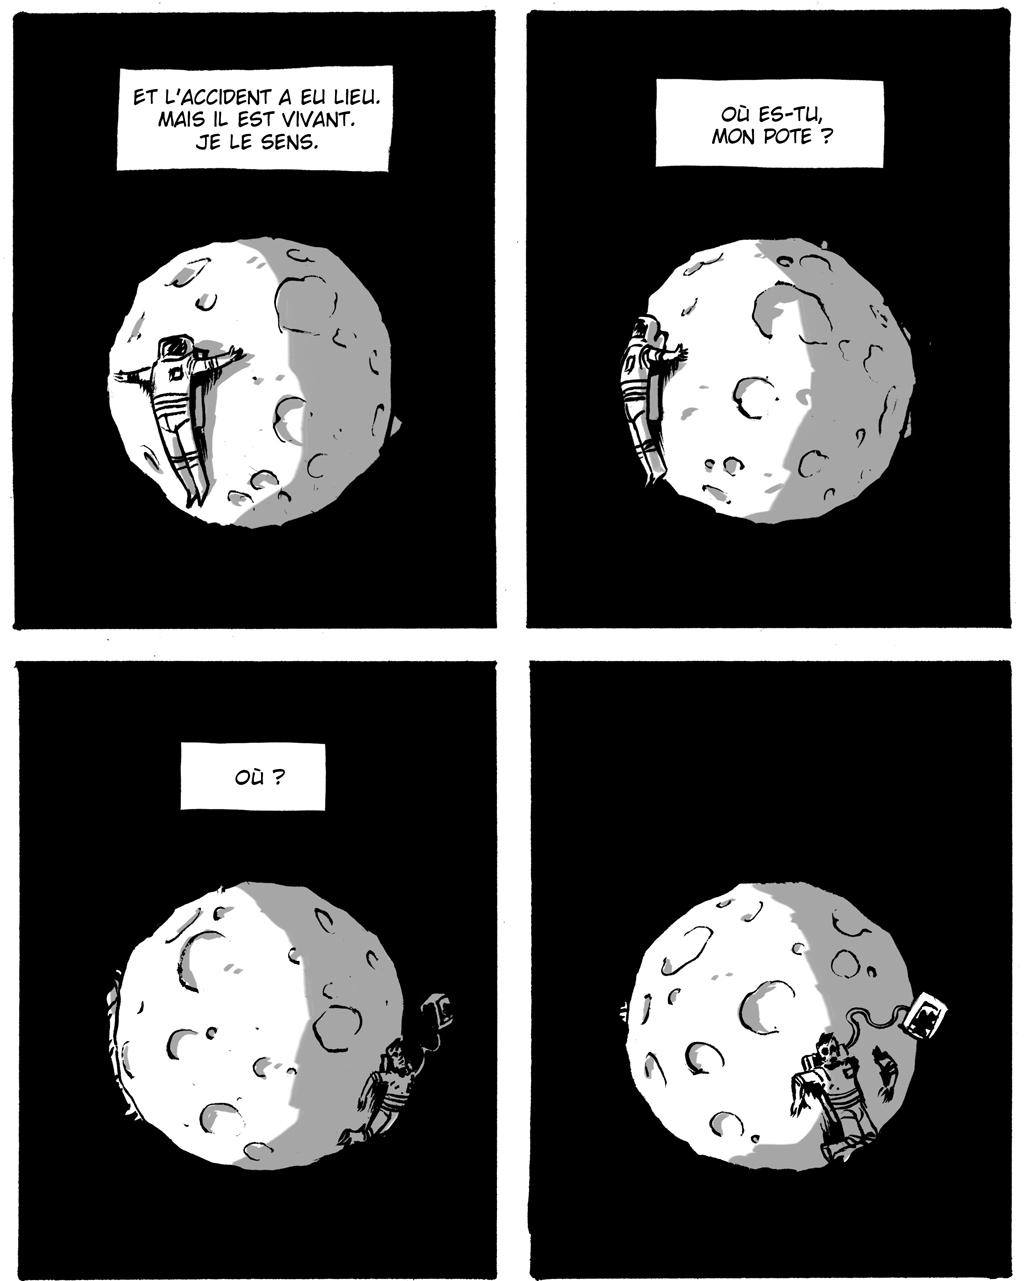 mooned03